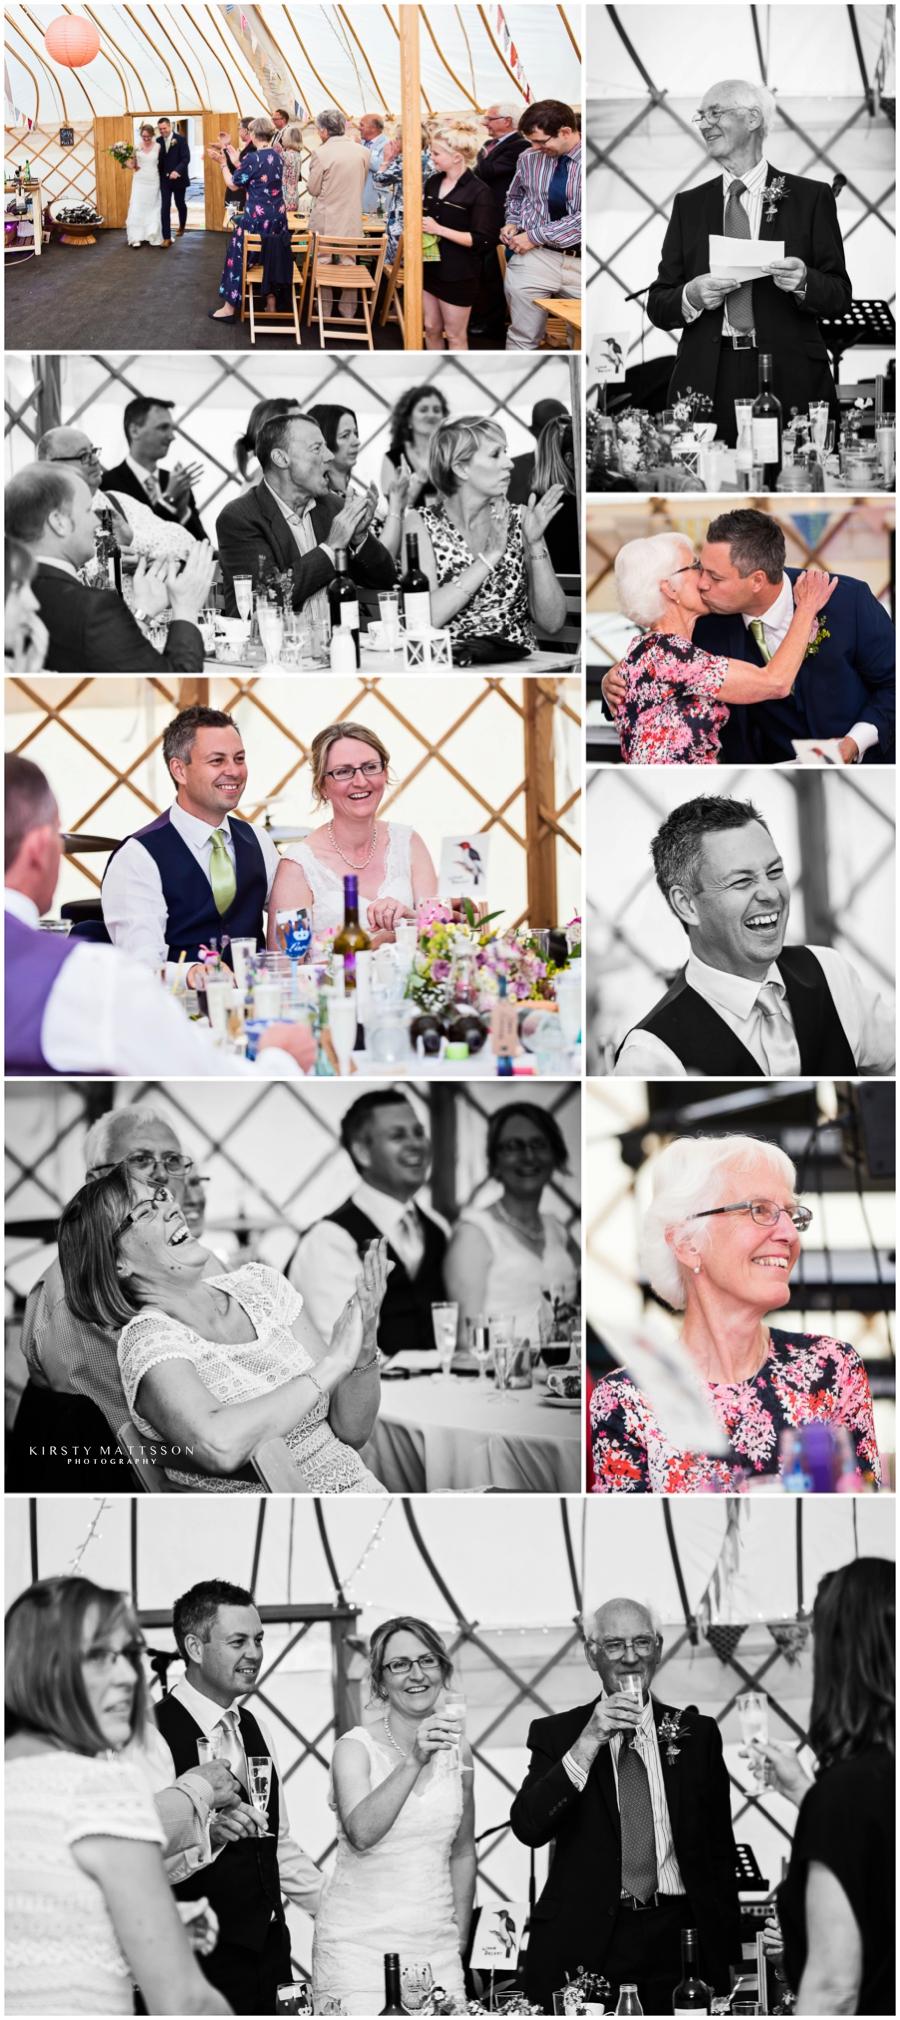 pa-weddingphotopgraphy-23